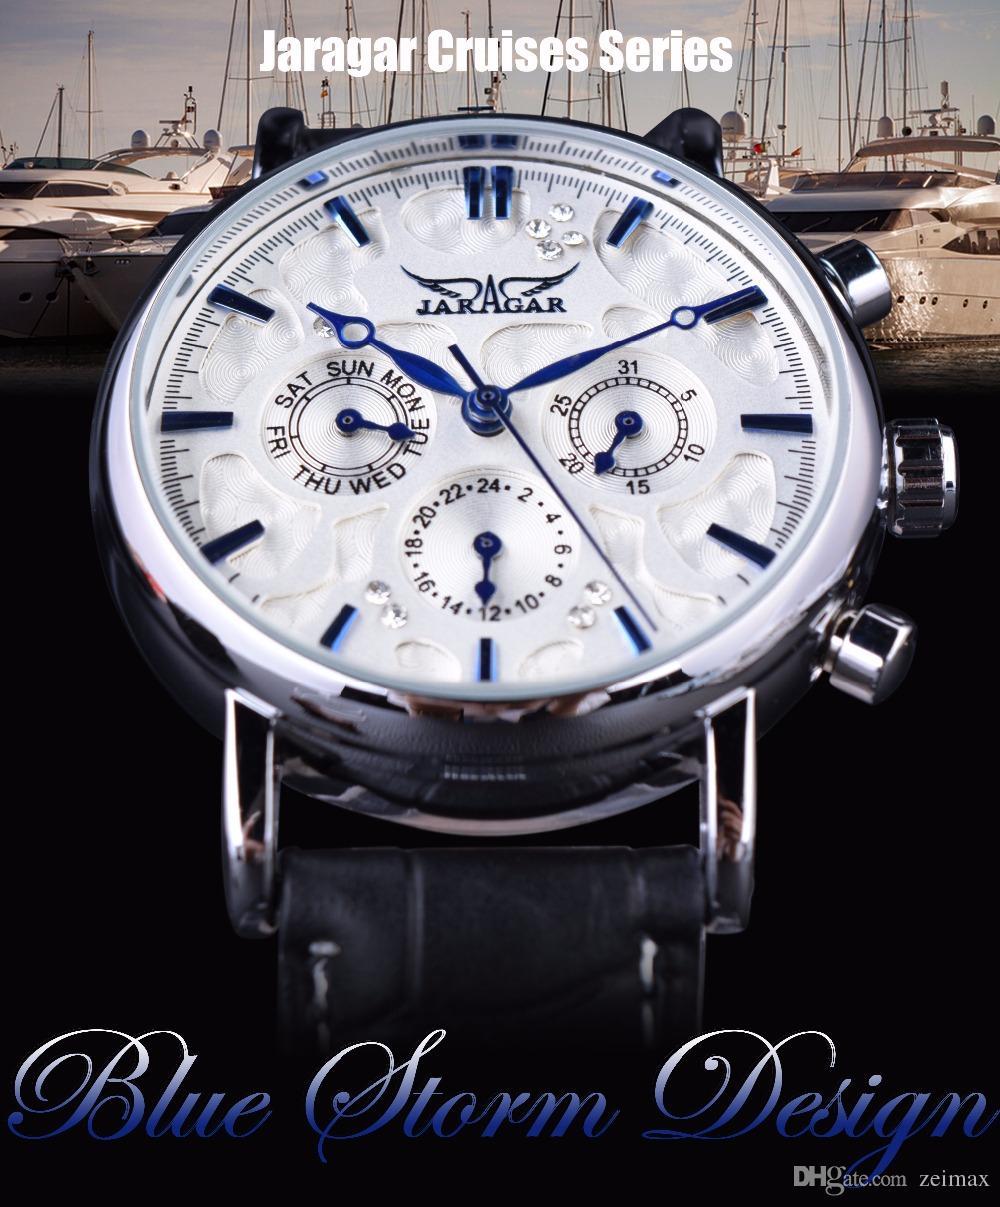 Jaragar Blue Sky Series Diseño elegante Correa de cuero genuino Reloj de pulsera para hombre Relojes de primeras marcas de lujo Reloj Hombres Automático